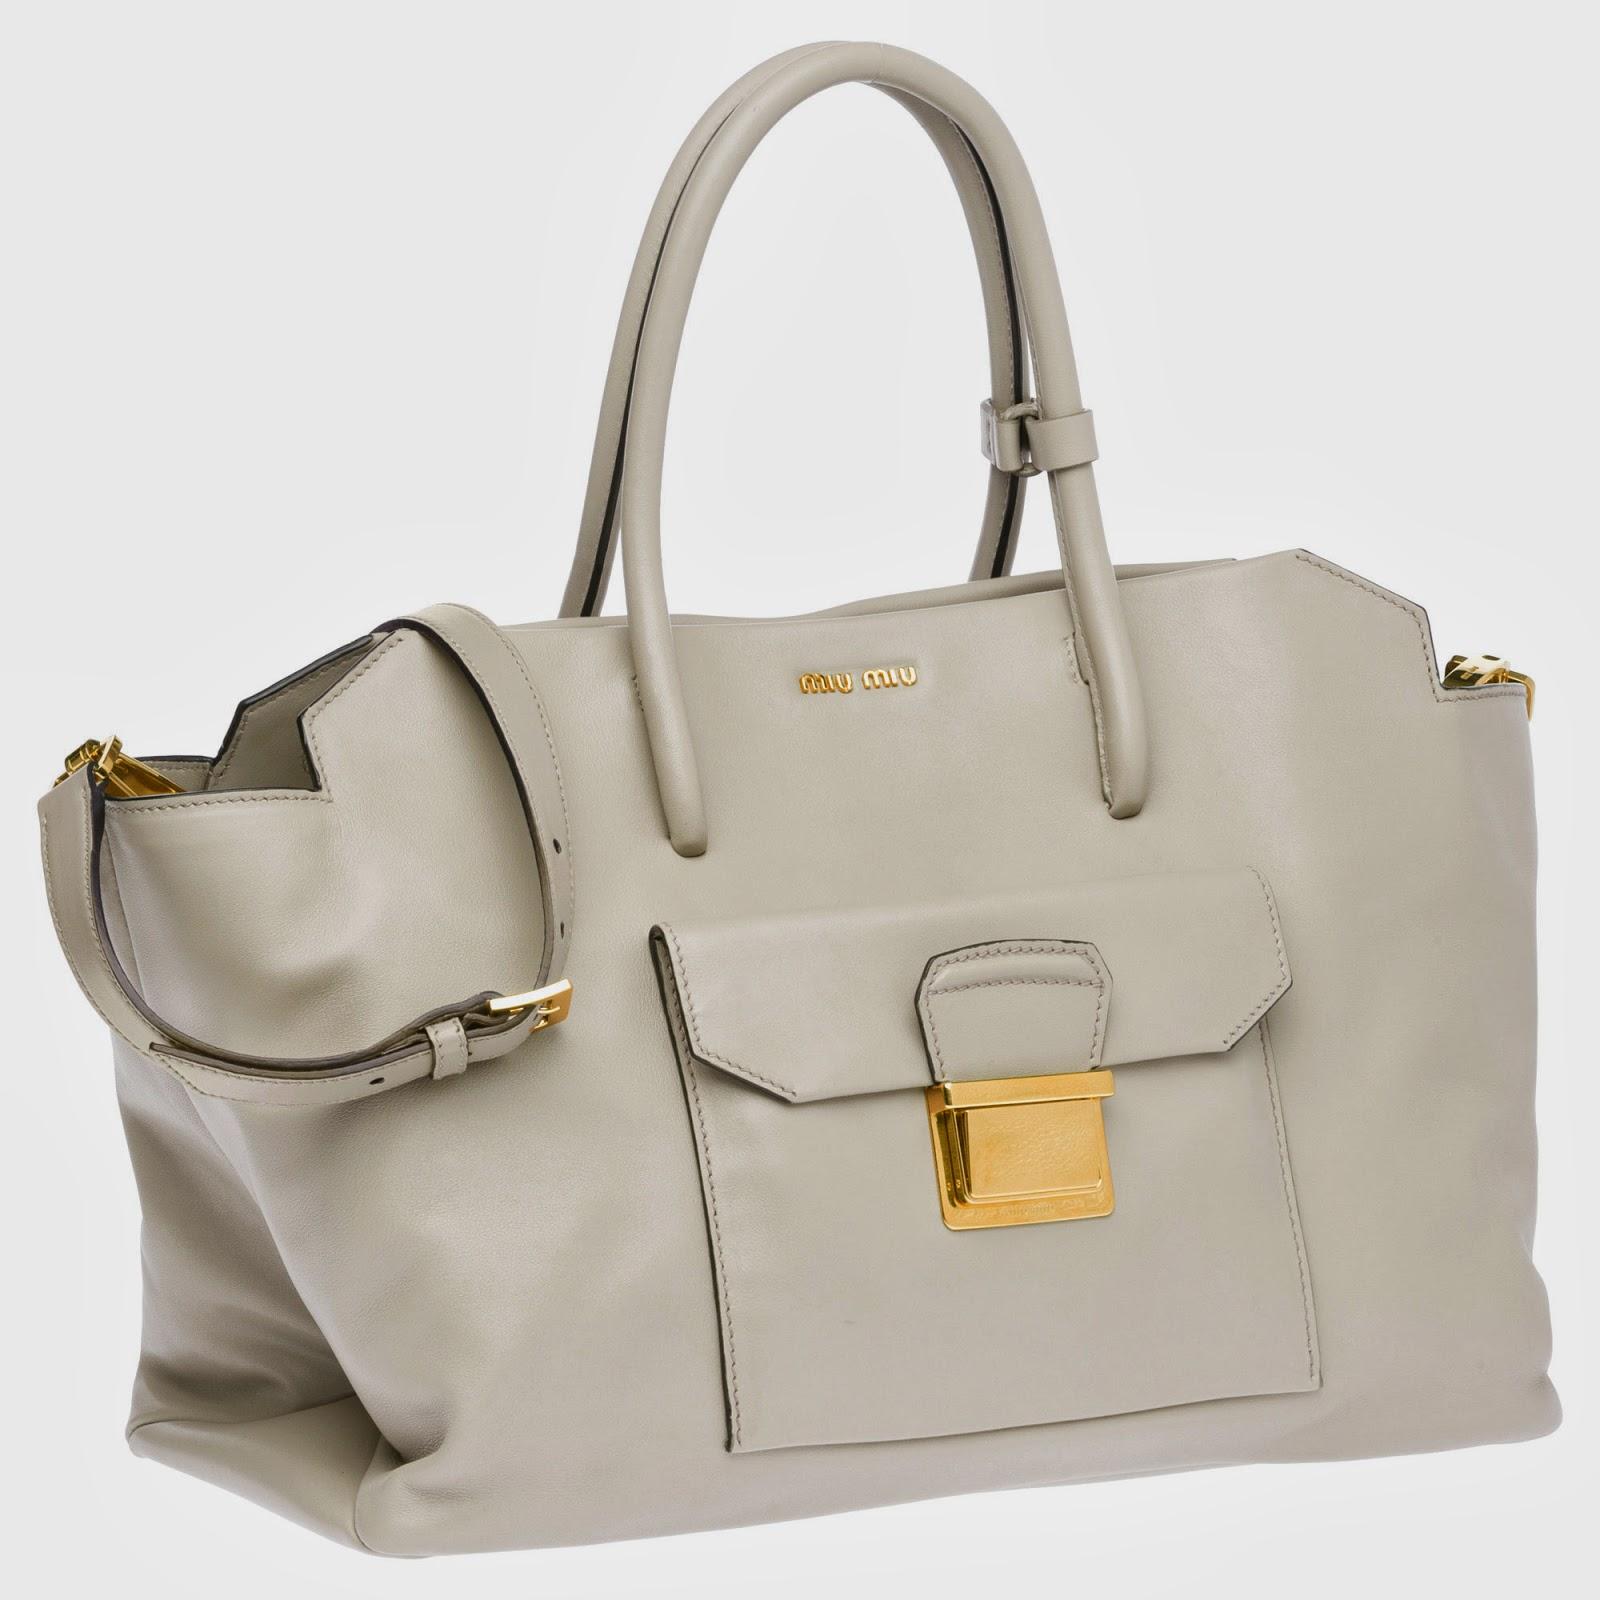 beyaz+tote+%25C3%25A7antalar Miu Miu Herbst Winter 2014 Handtaschen Modelle